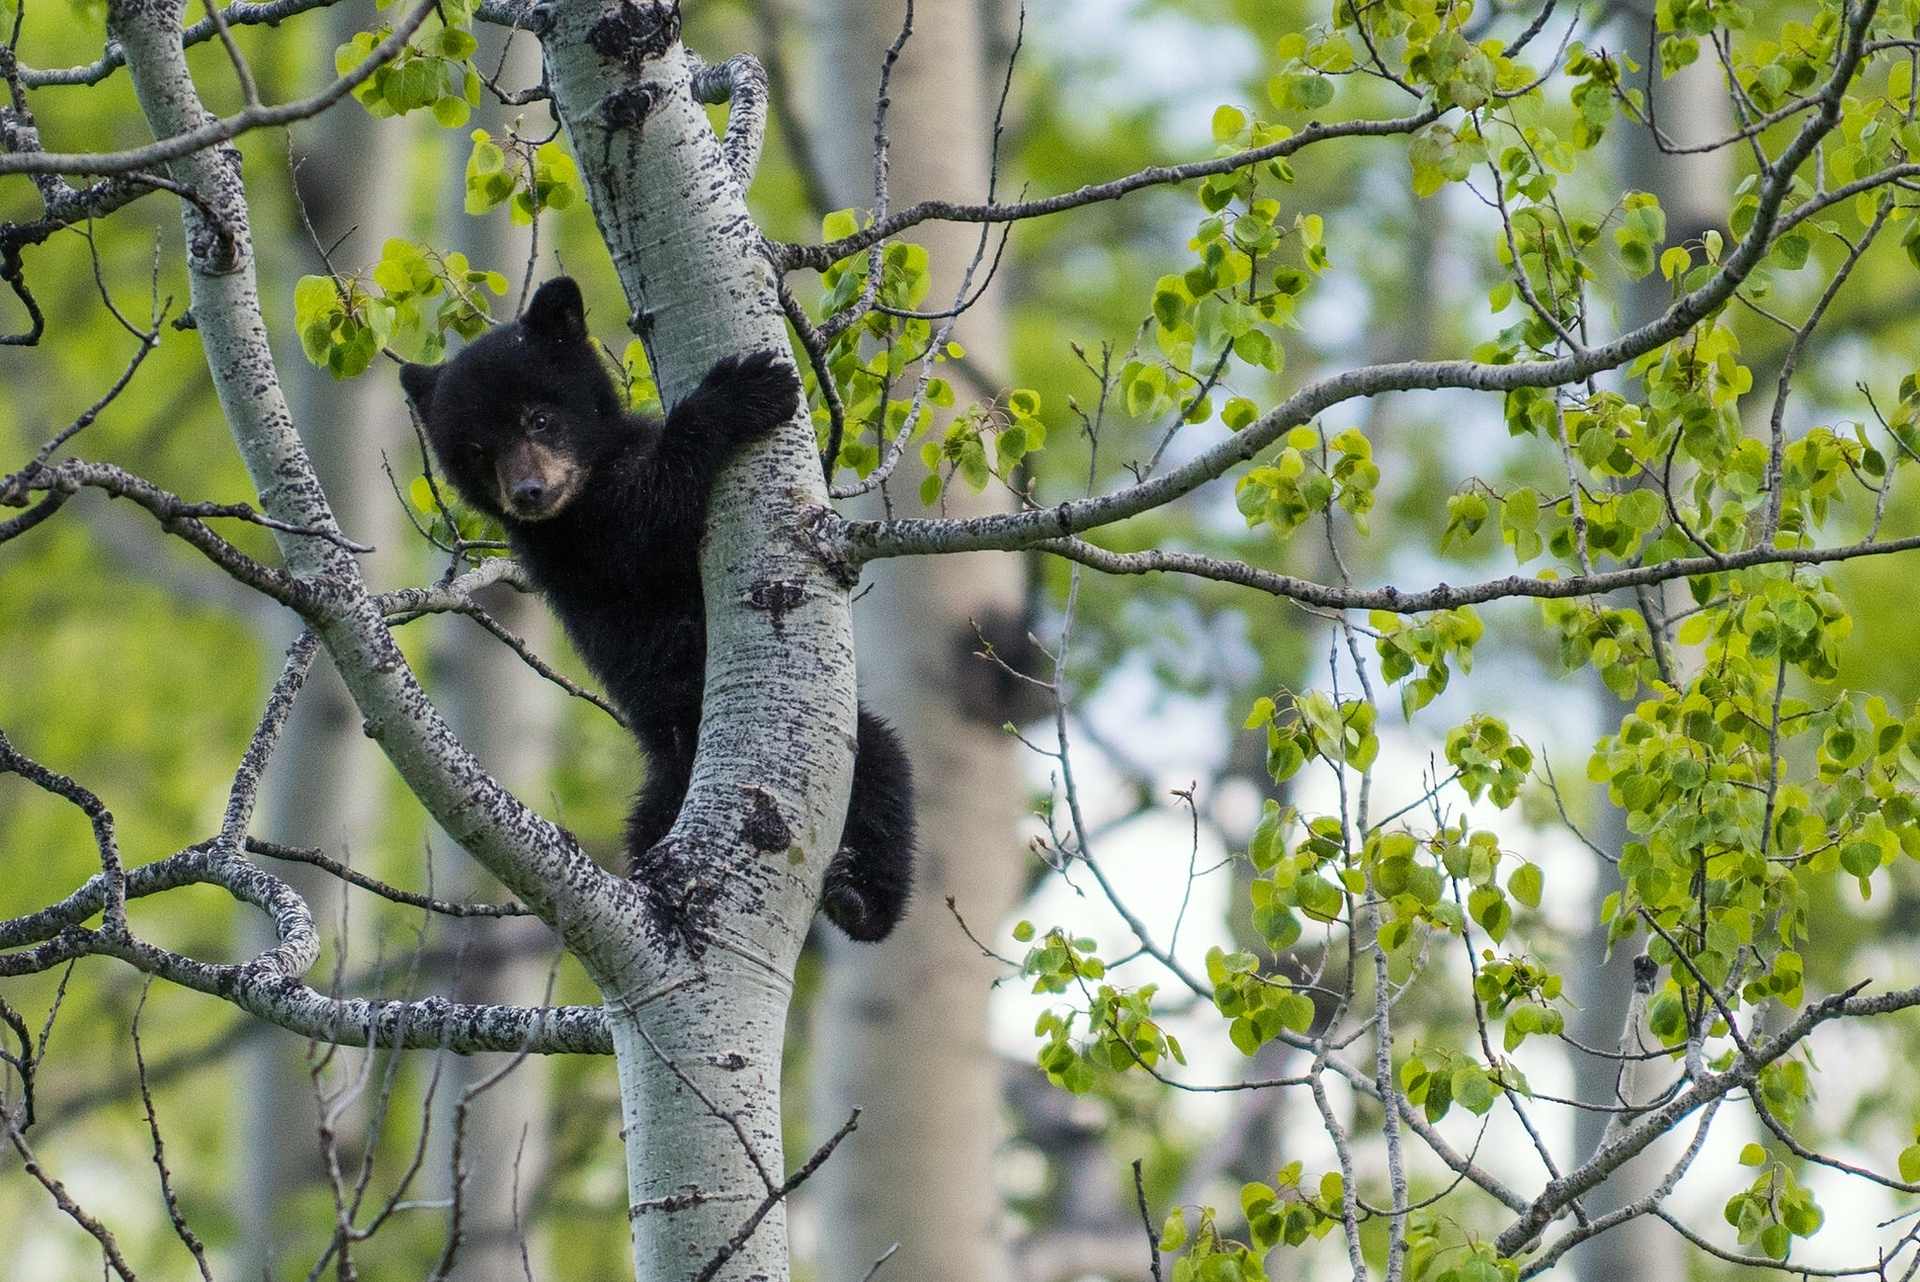 собака язык деревья березки загрузить